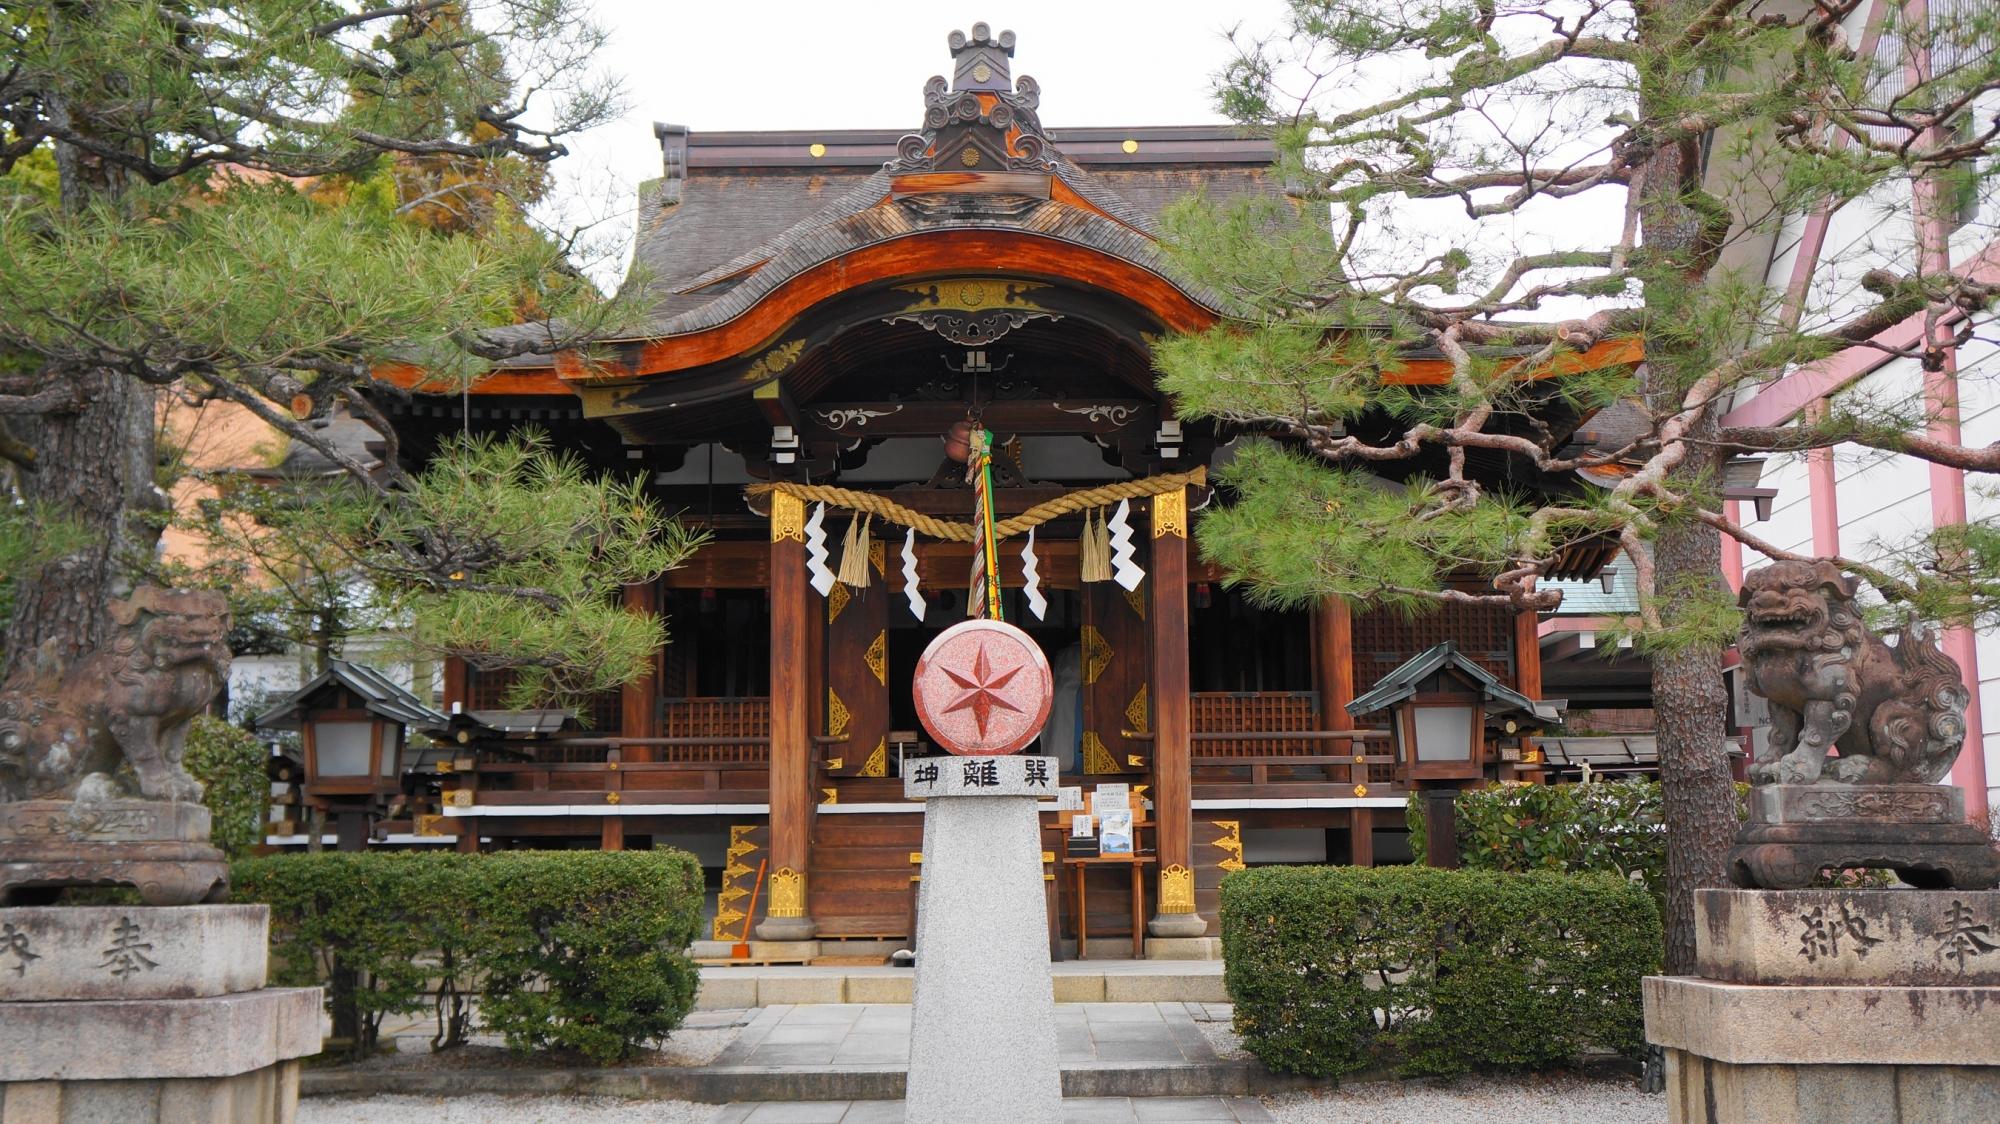 方位の星神の大将軍八神社の本殿と方位と星のモニュメント